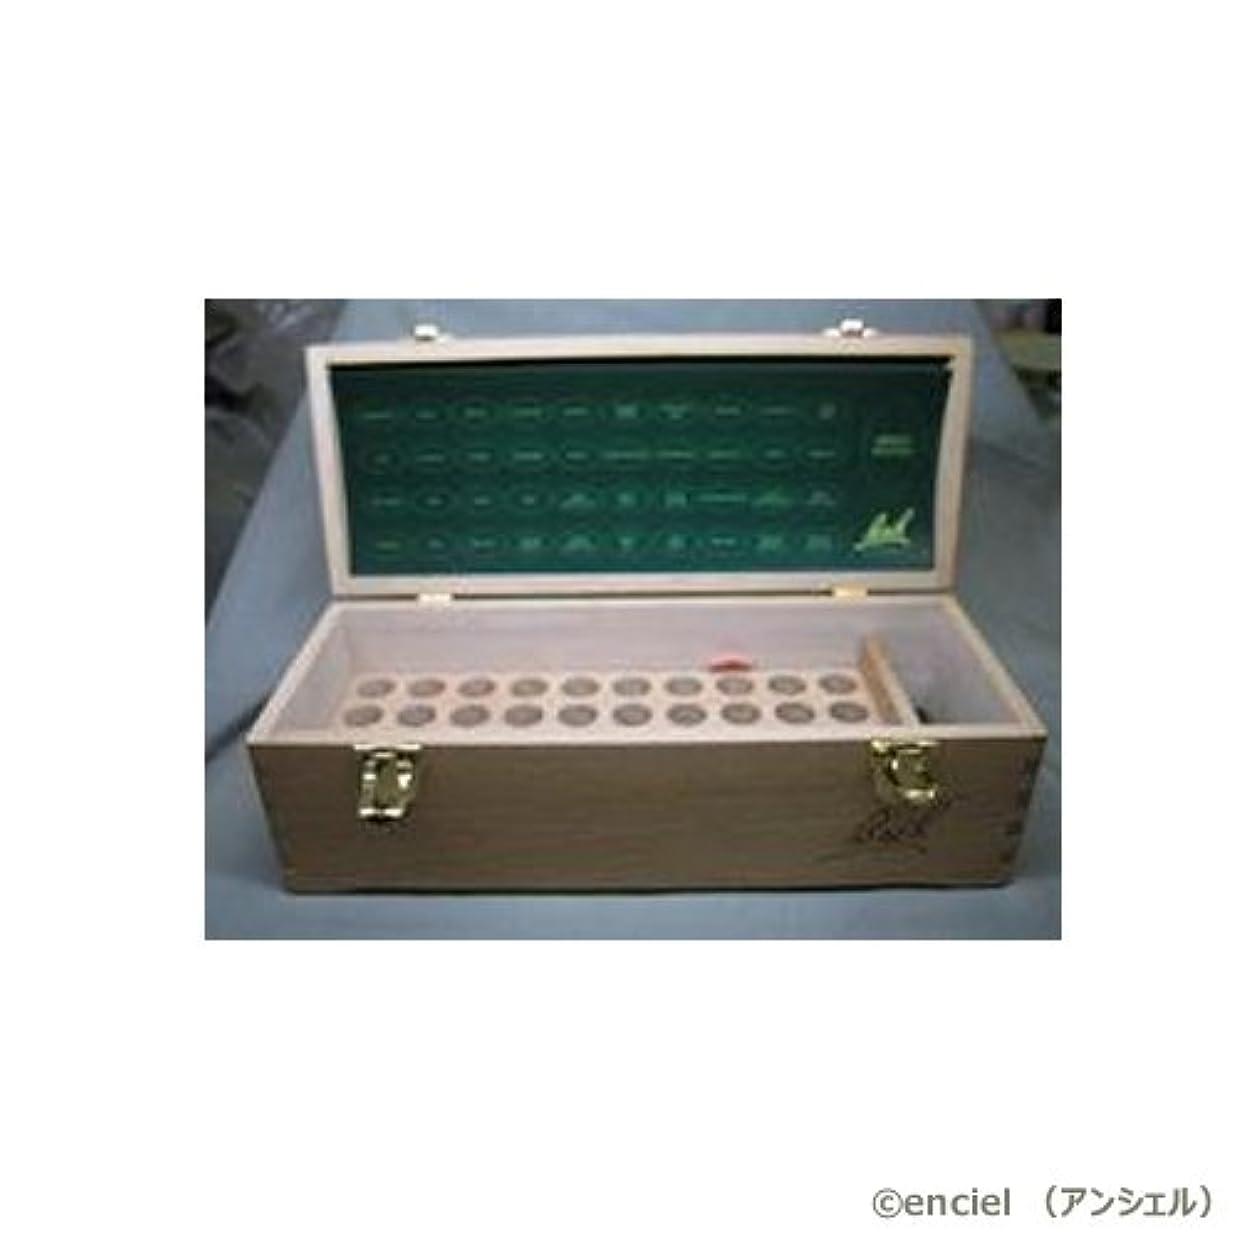 下位パール余裕があるバッチフラワー 木製携帯プロフェッショナルセットBOX (日本製)